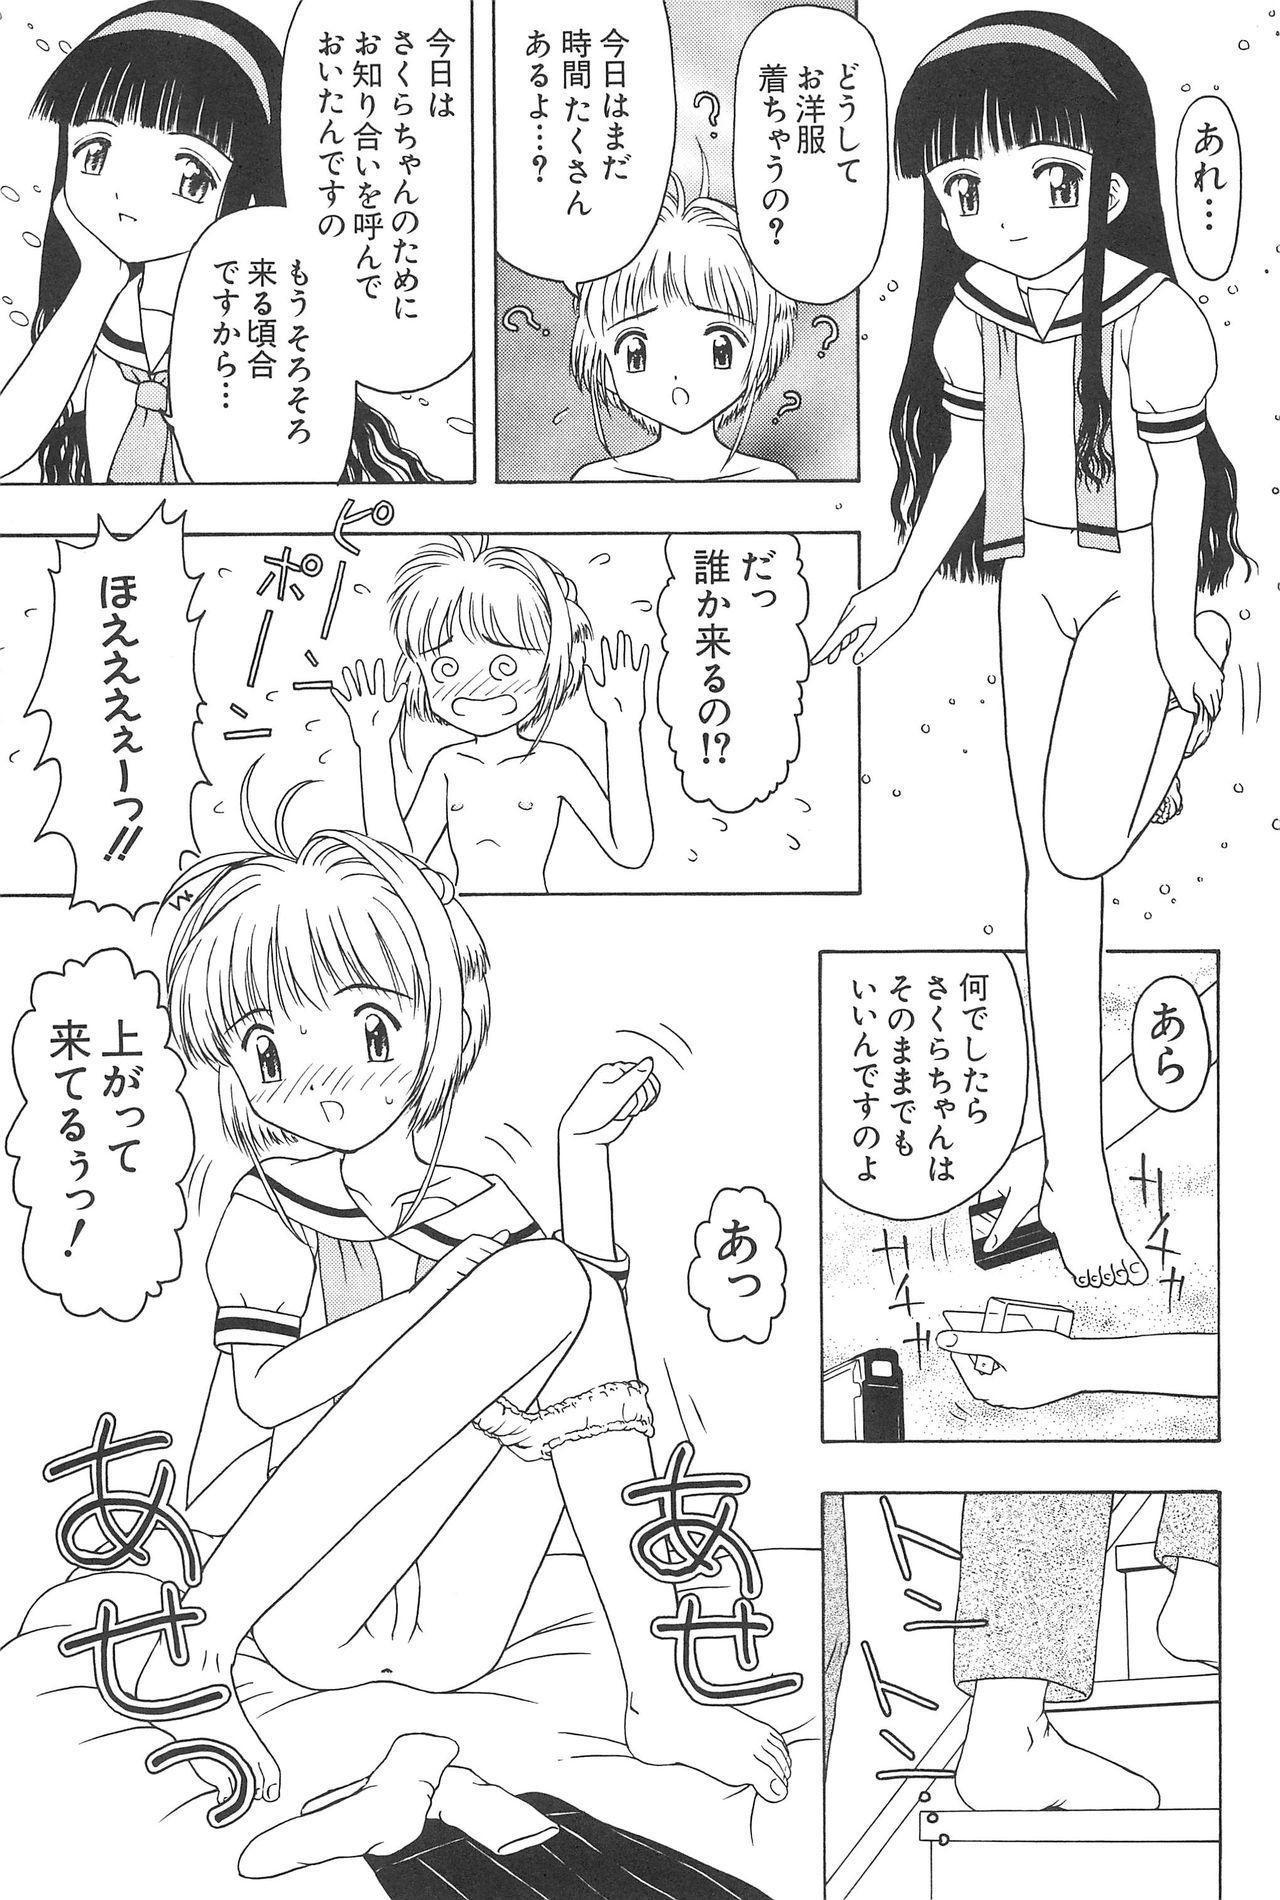 Sakura to Tomoyo ALL OF INTERCOURSE Jou 23